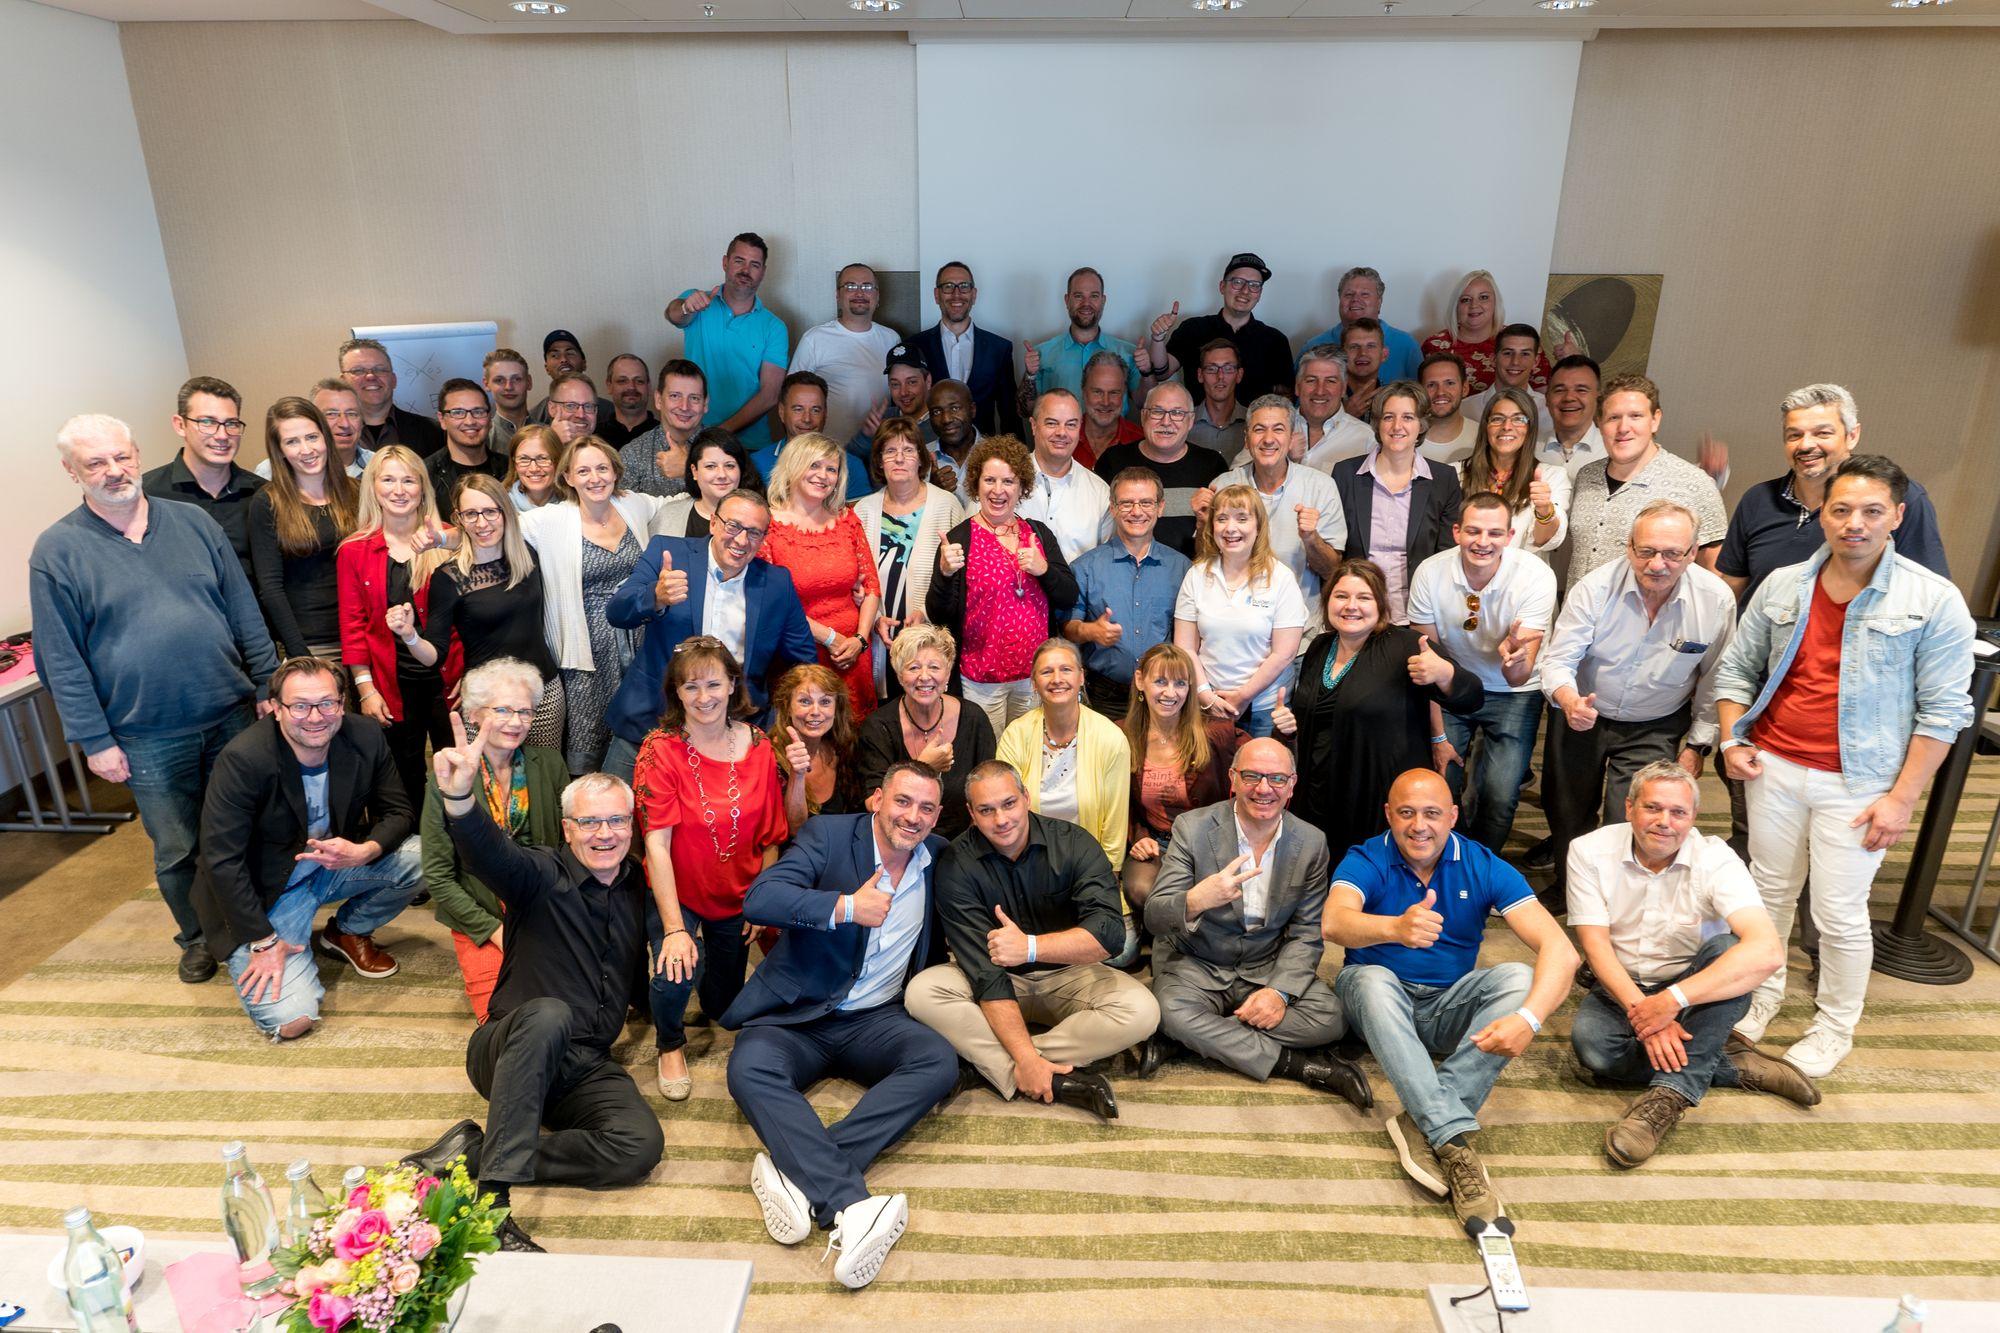 Gruppenbild der Teilnehmer und Sprecher auf dem Builderall Everest 2019 in Nürnberg (Germany)